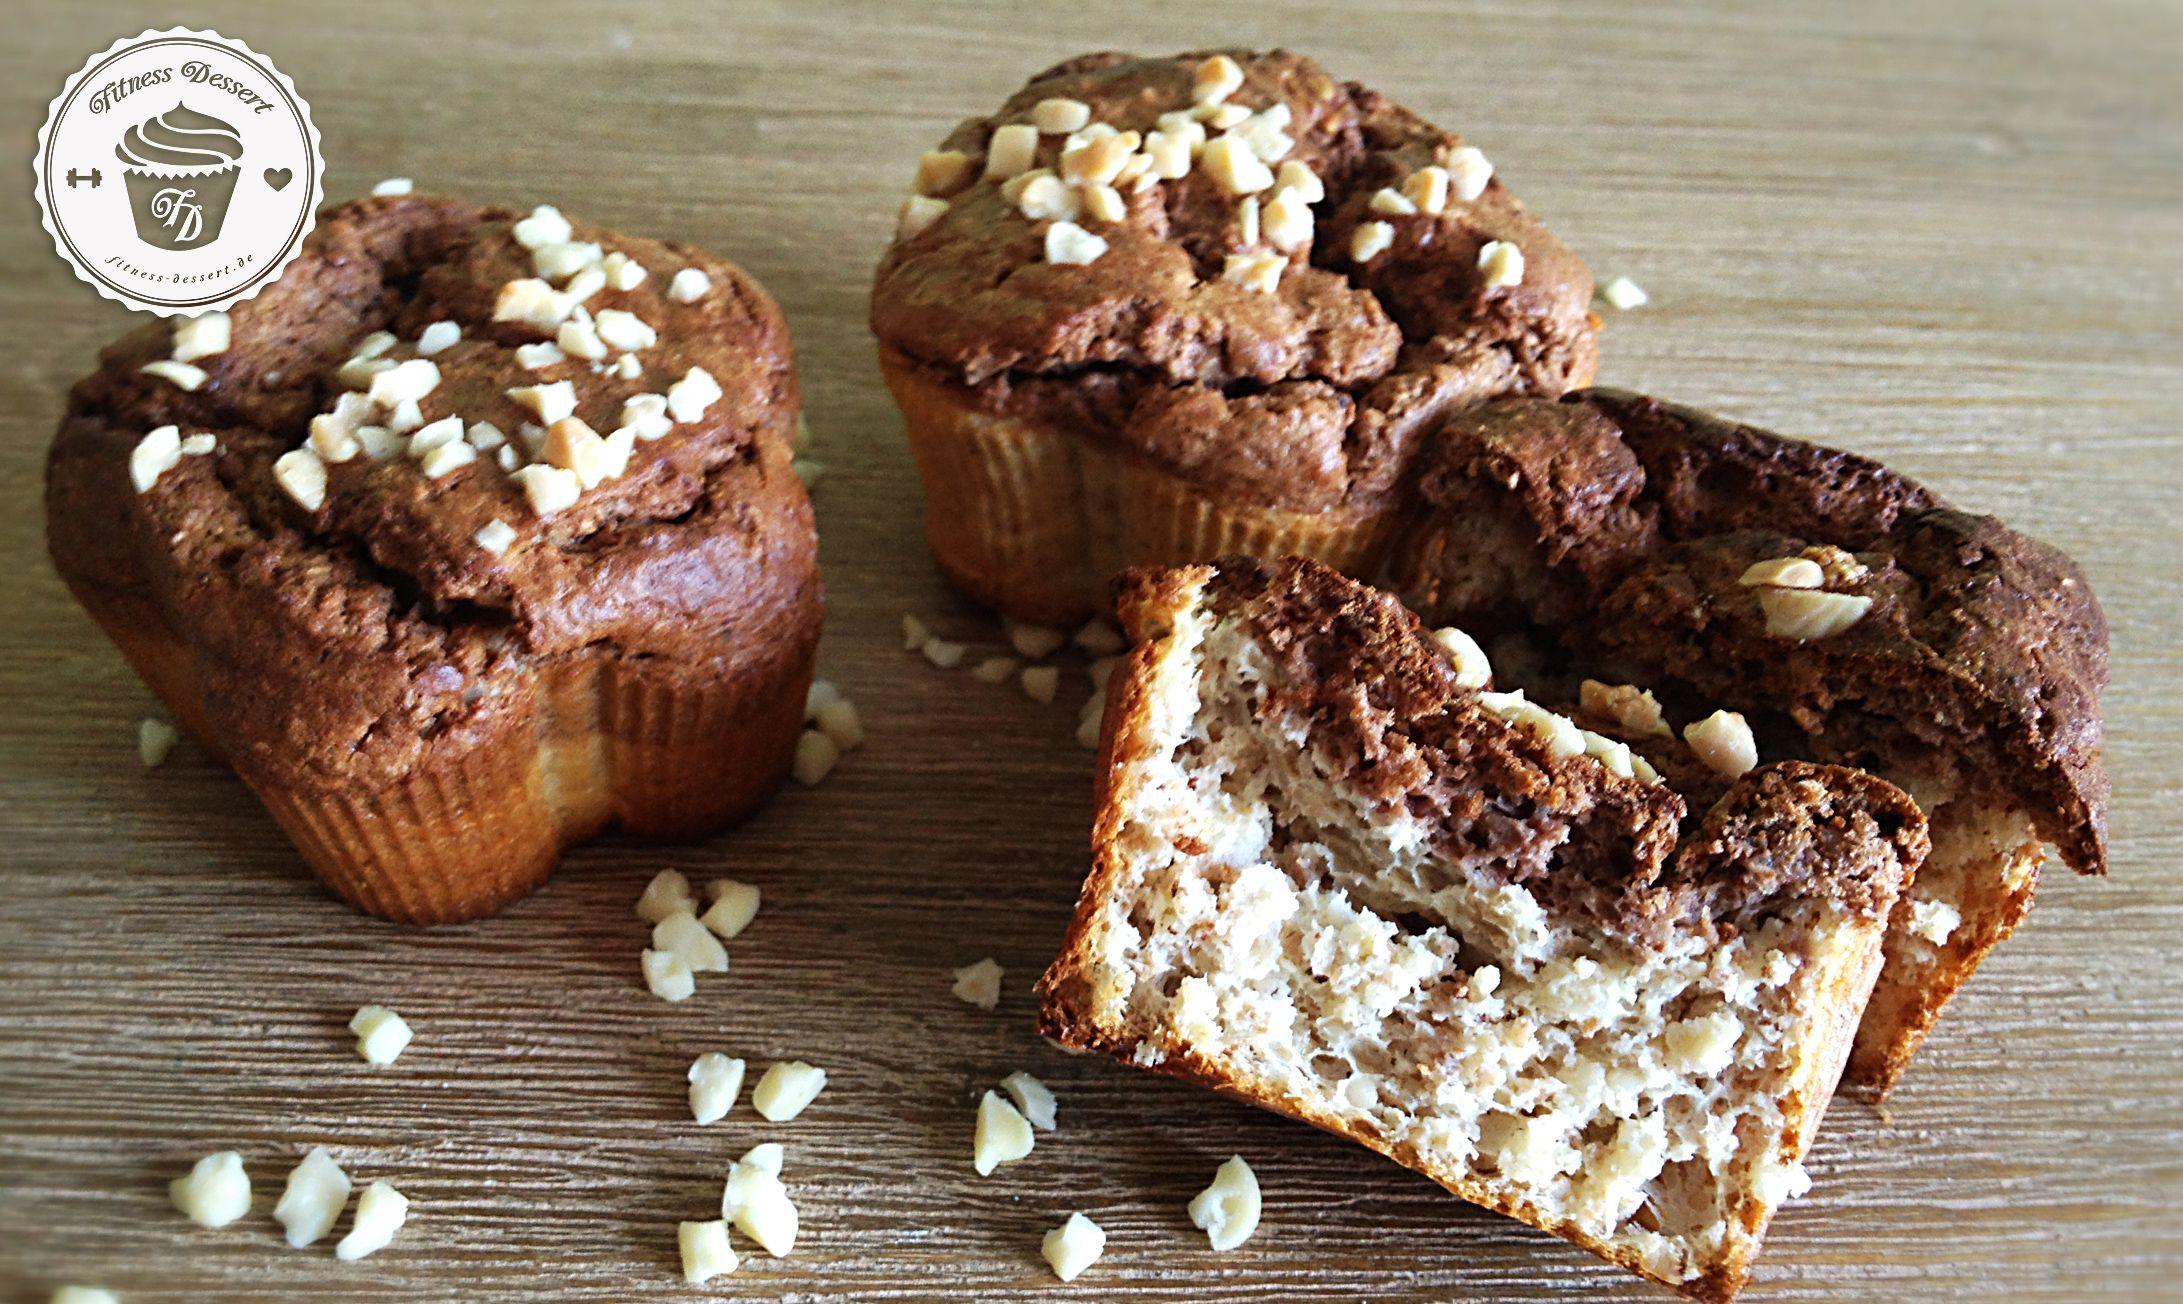 Schoko Muffins Low carb Mengenangaben für 10 Muffins Nährwerte pro Muffin kcal Eiweiß g Fett g